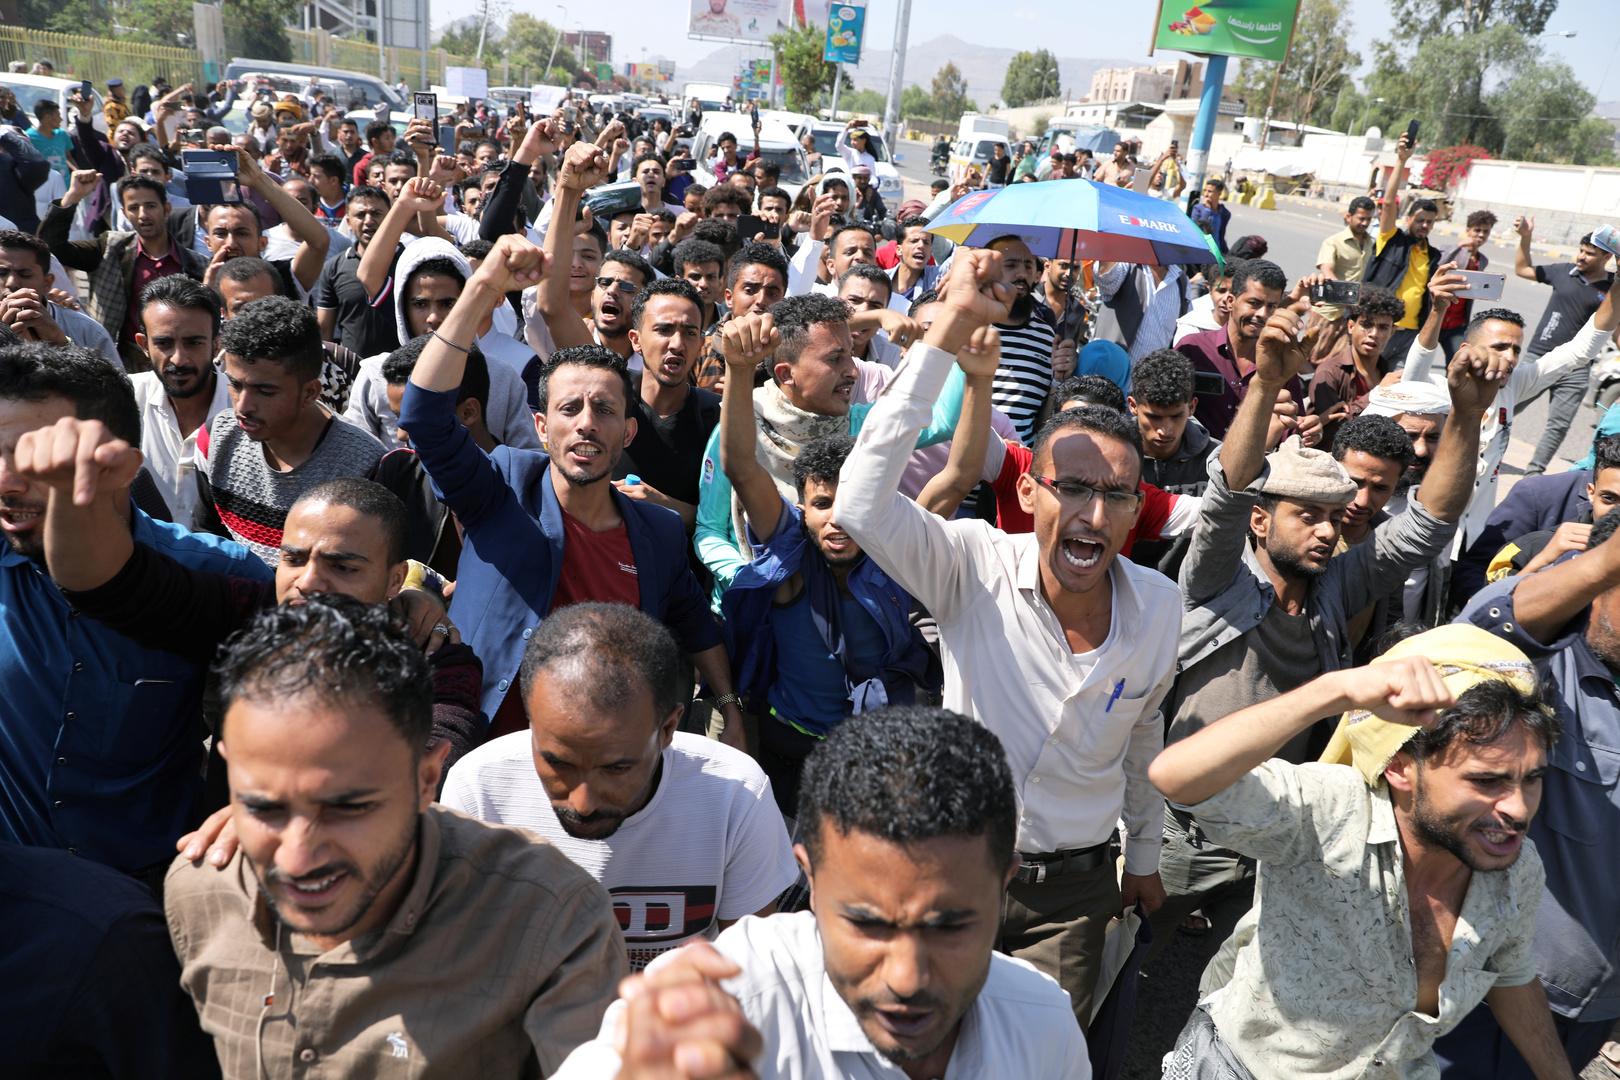 مظاهرات غاضبة في صنعاء بعد جريمة تعذيب وقتل شاب بطريقة وحشية